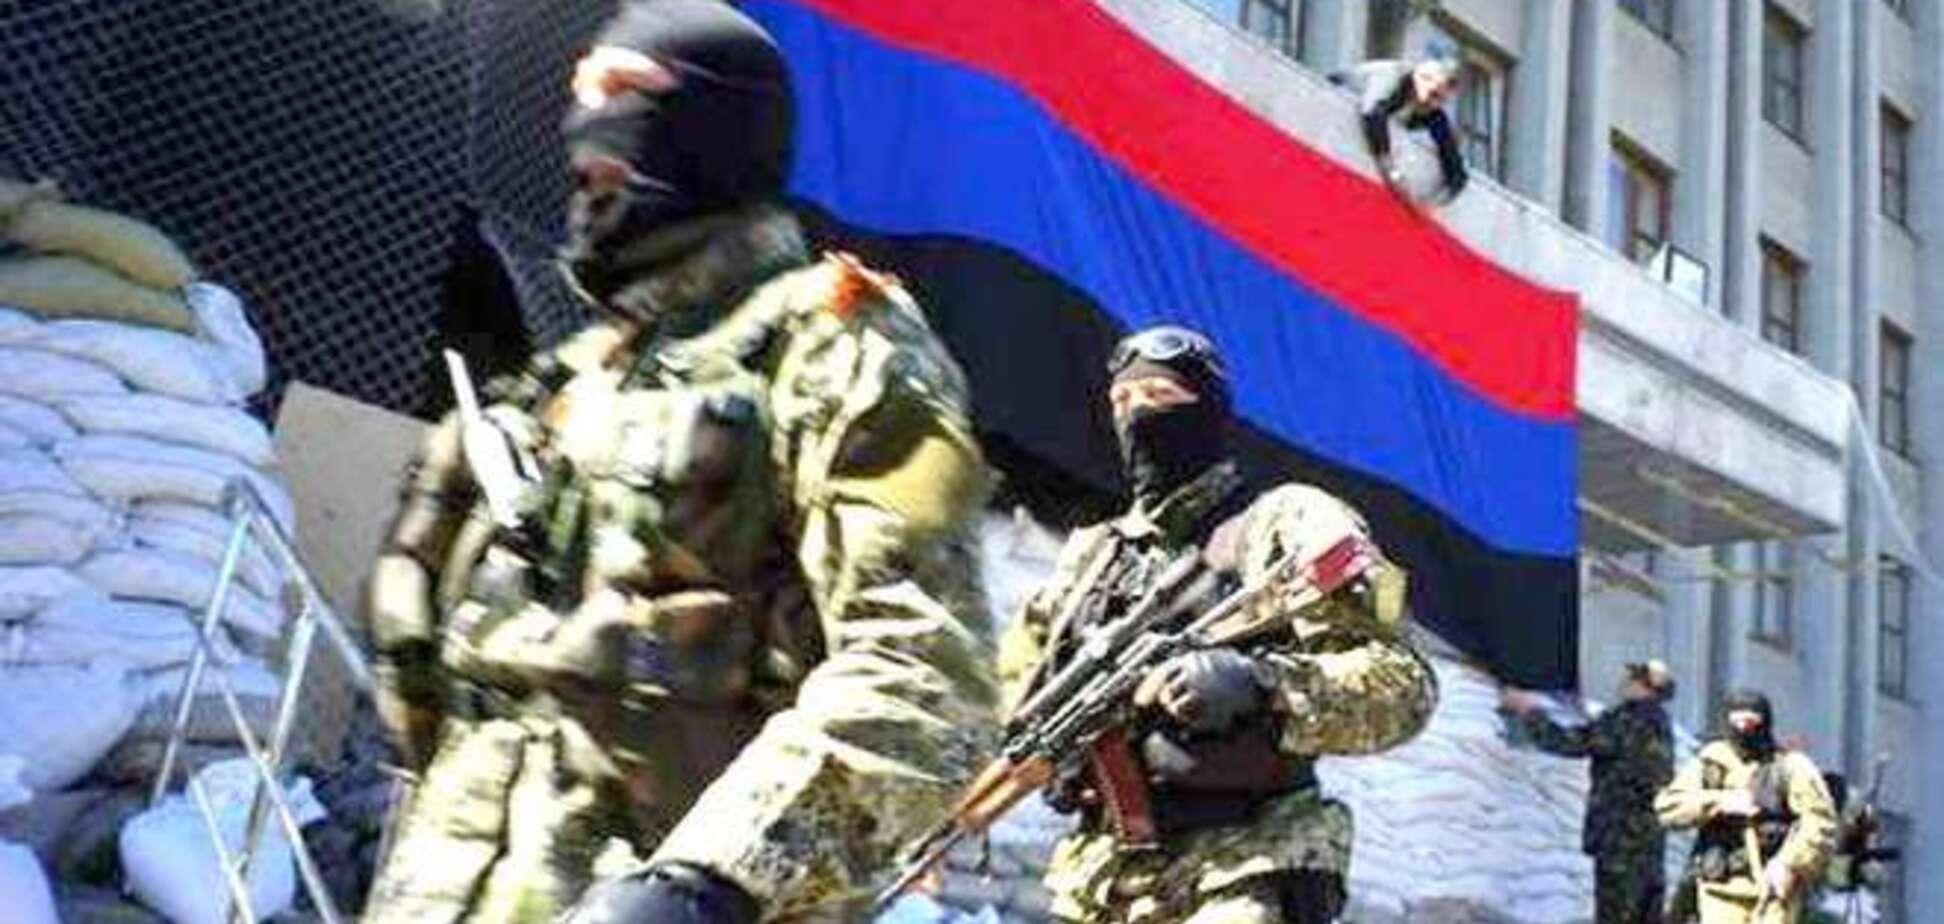 Терористи намагаються вивезти з донецького заводу декілька комплексів радіоелектронної боротьби